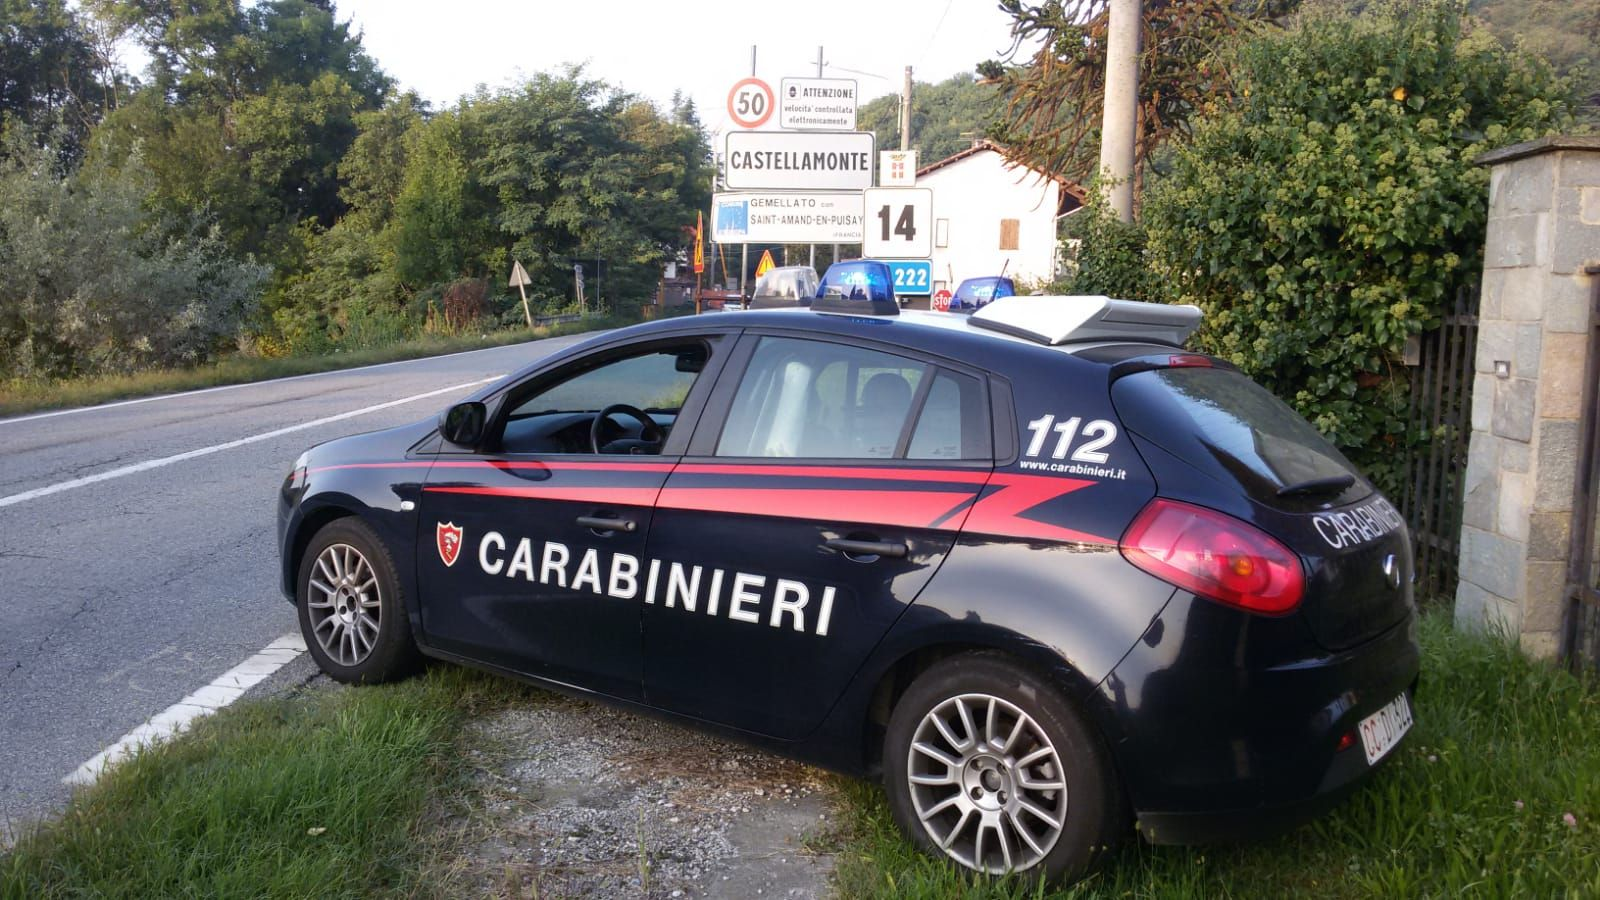 CASTELLAMONTE - Espulso rientra in Canavese: arrestato